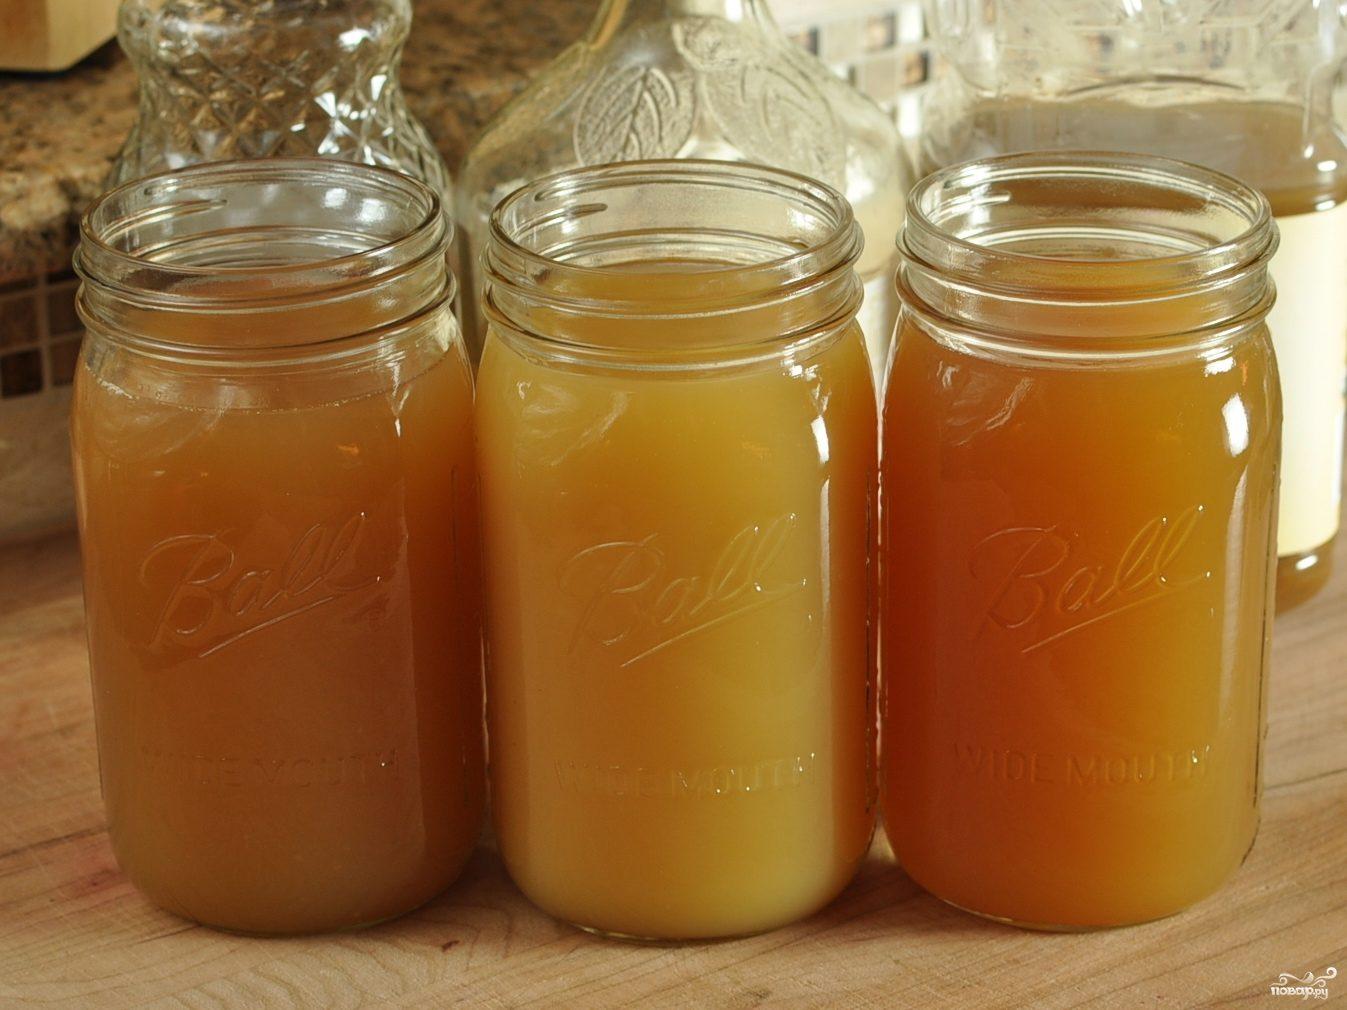 Сидр из яблочного сока